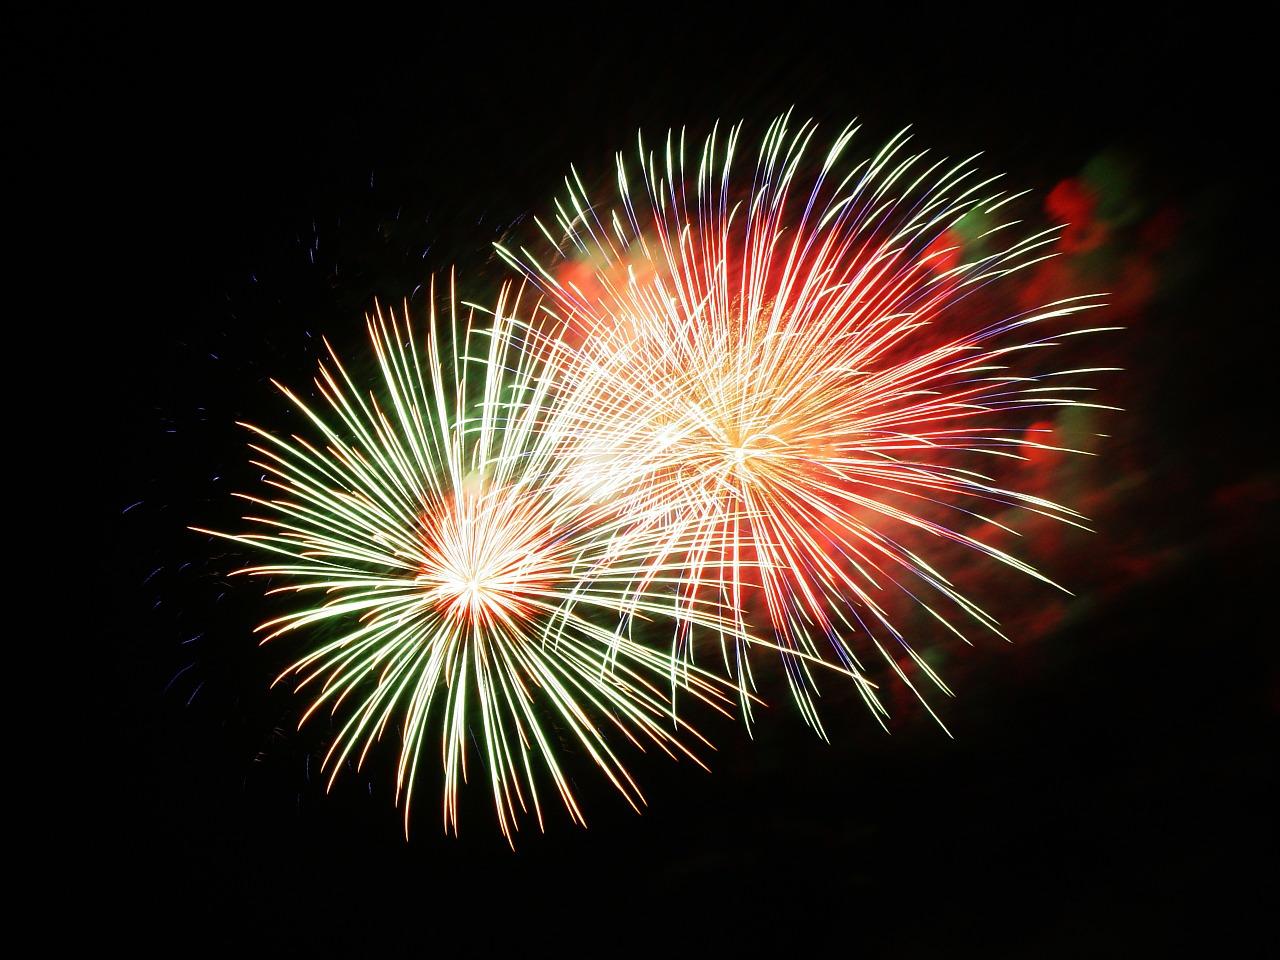 fireworks 227383 1280 - Ihr Vorhaben...